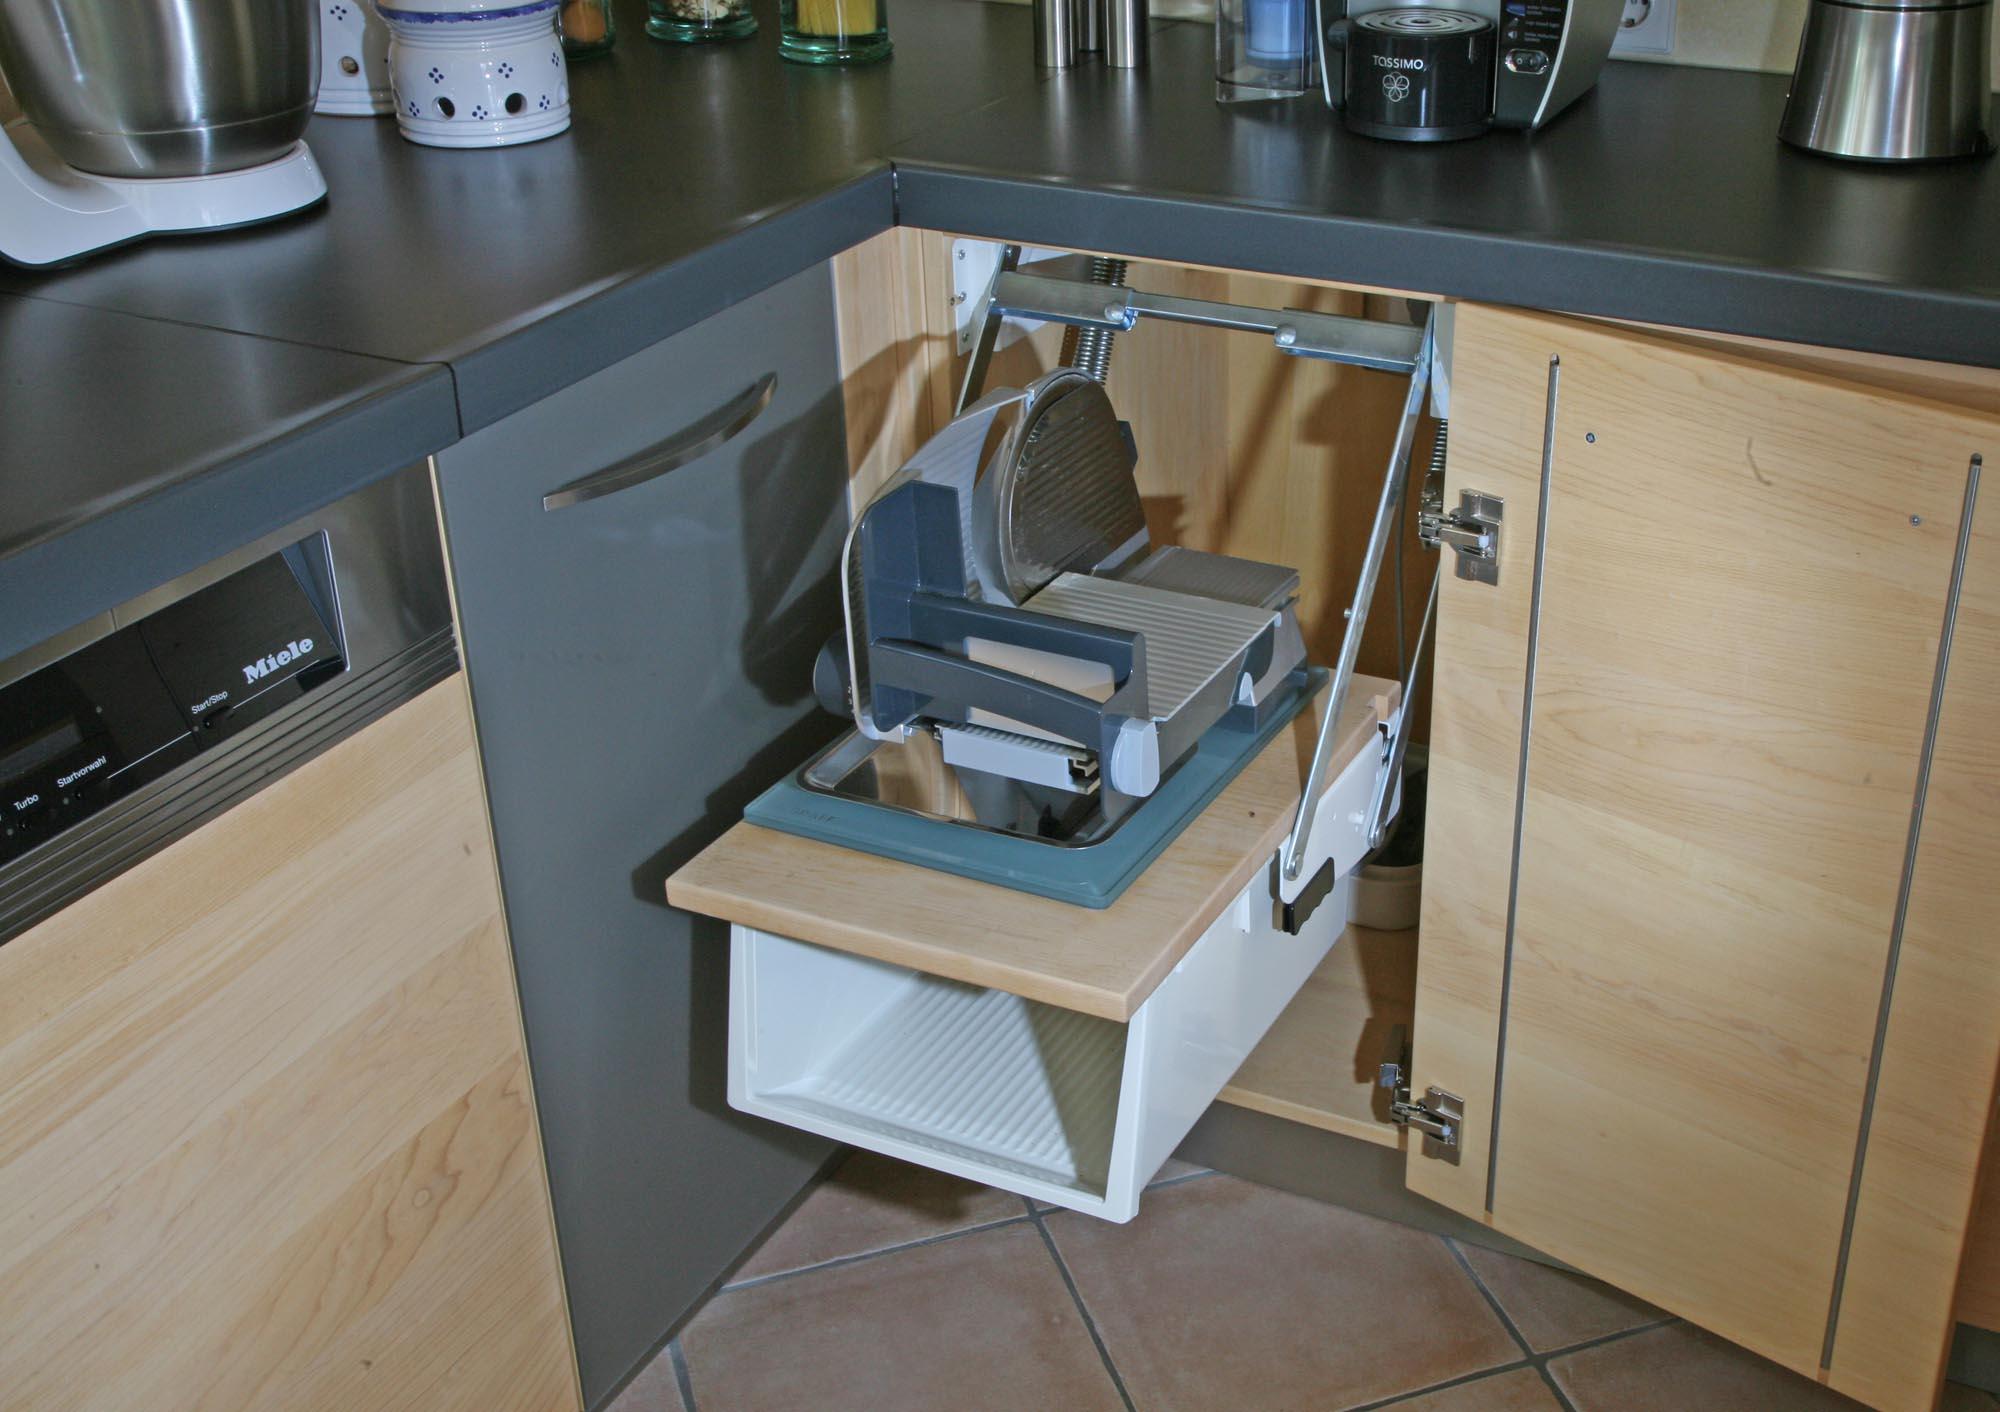 Massivholzkuchen gebraucht - Die mobelmacher ...